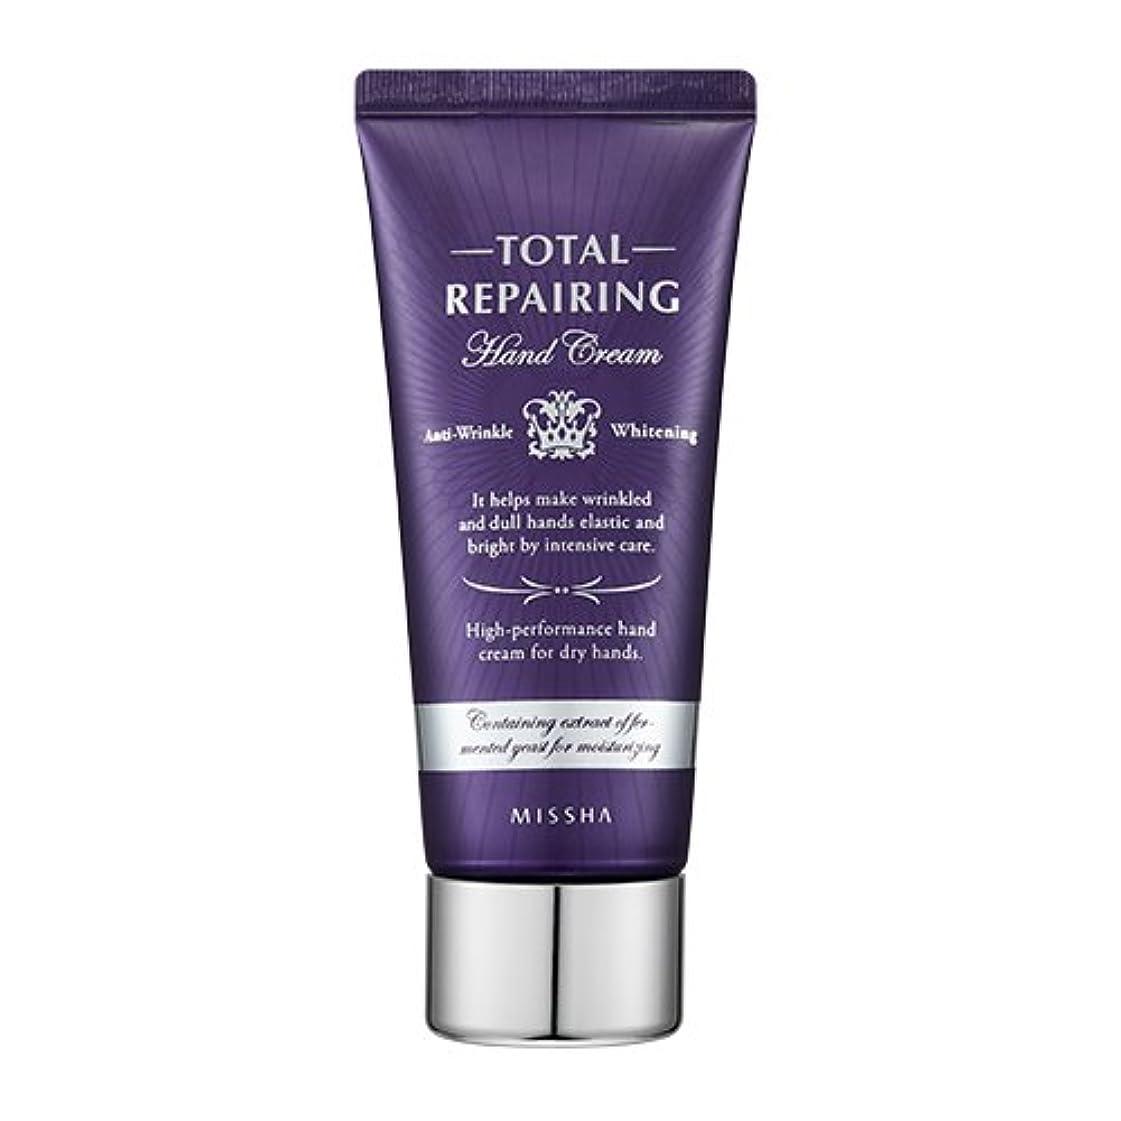 構成する興奮するデッキMISSHA Total Repairing Hand Cream 60ml/ミシャ トータル リペアリング ハンドクリーム 60ml